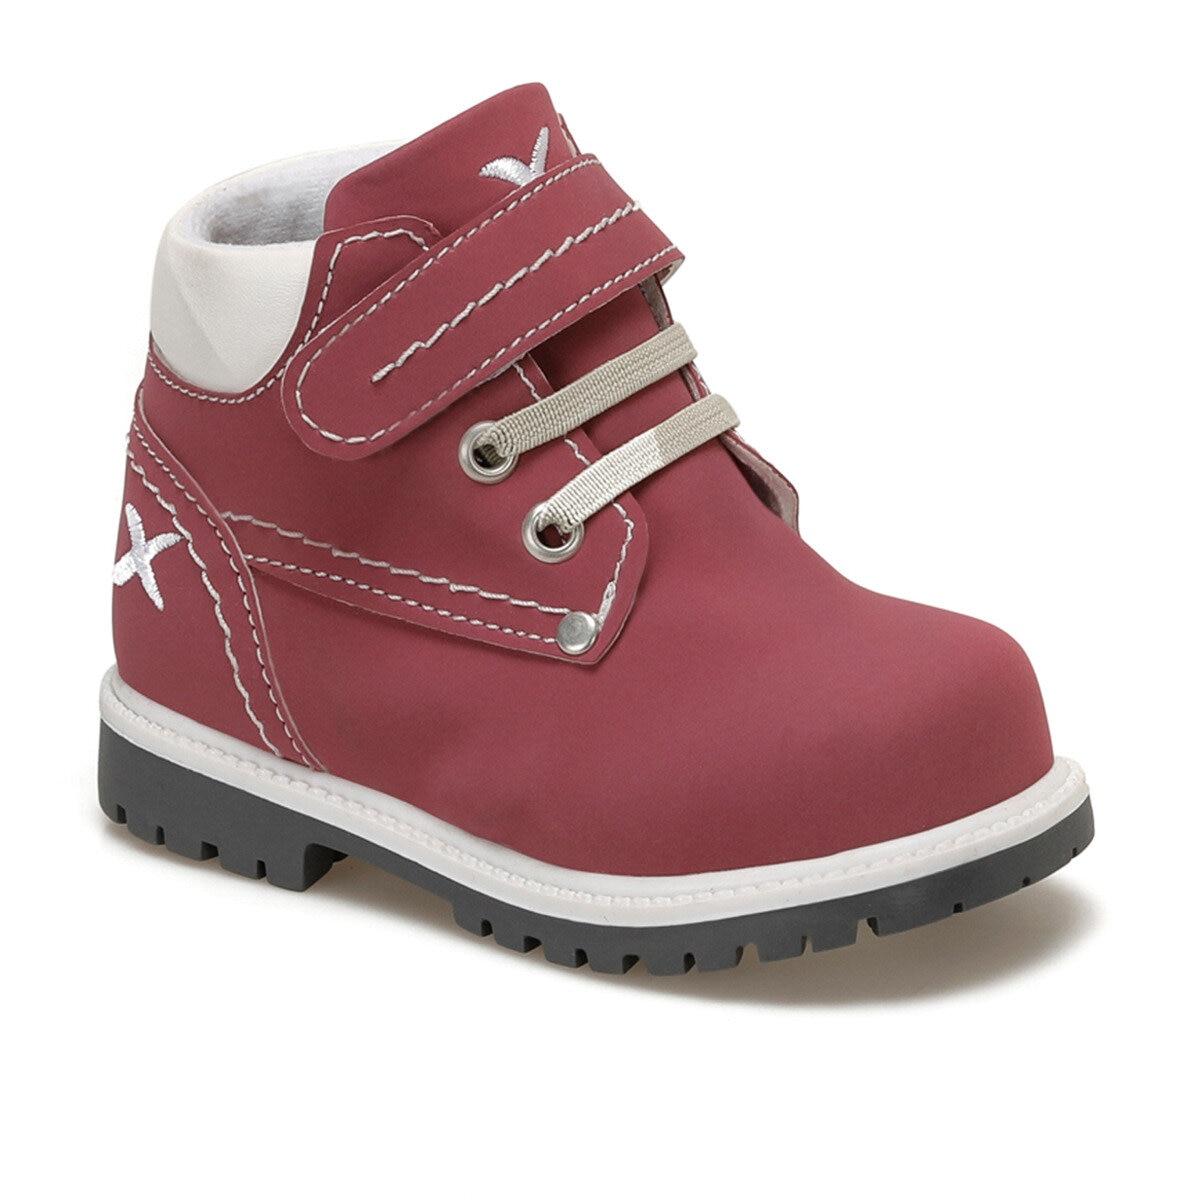 FLO MOIRA 9PR Fuchsia Girls Children Boots KINETIX